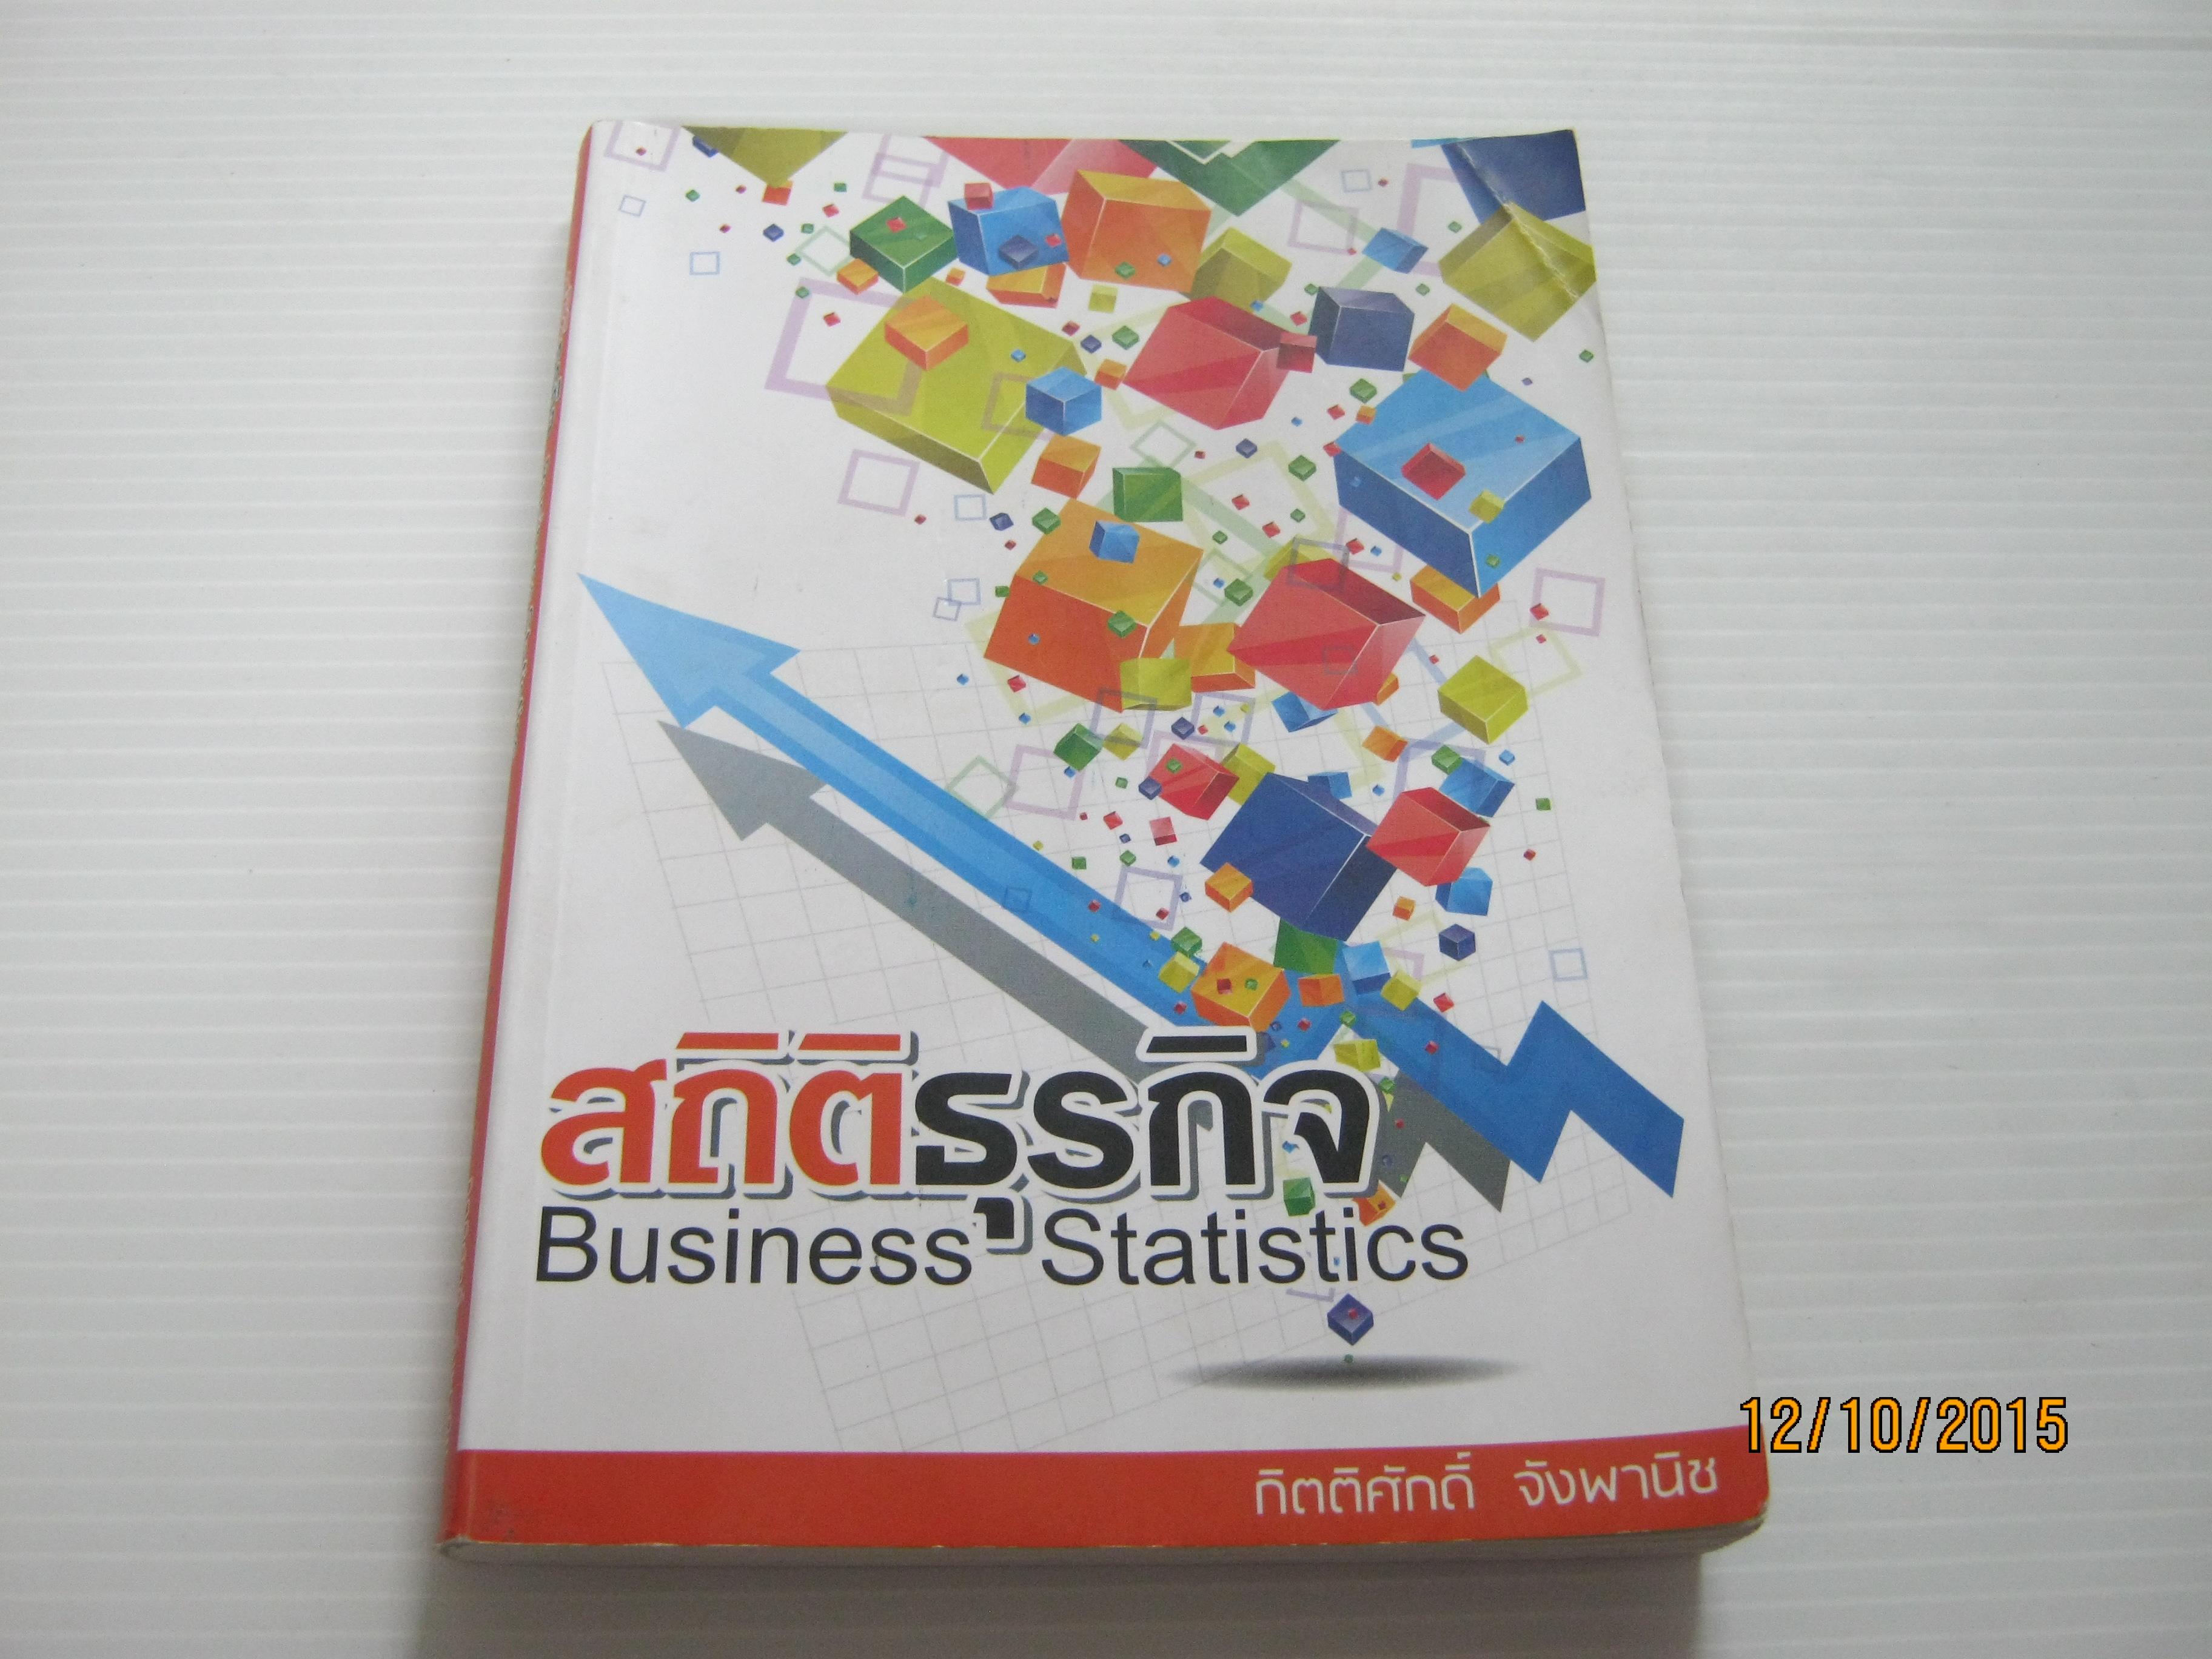 สถิติธุรกิจ (Business Statistics) กิตติศักดิ์ จังพานิช เขียน